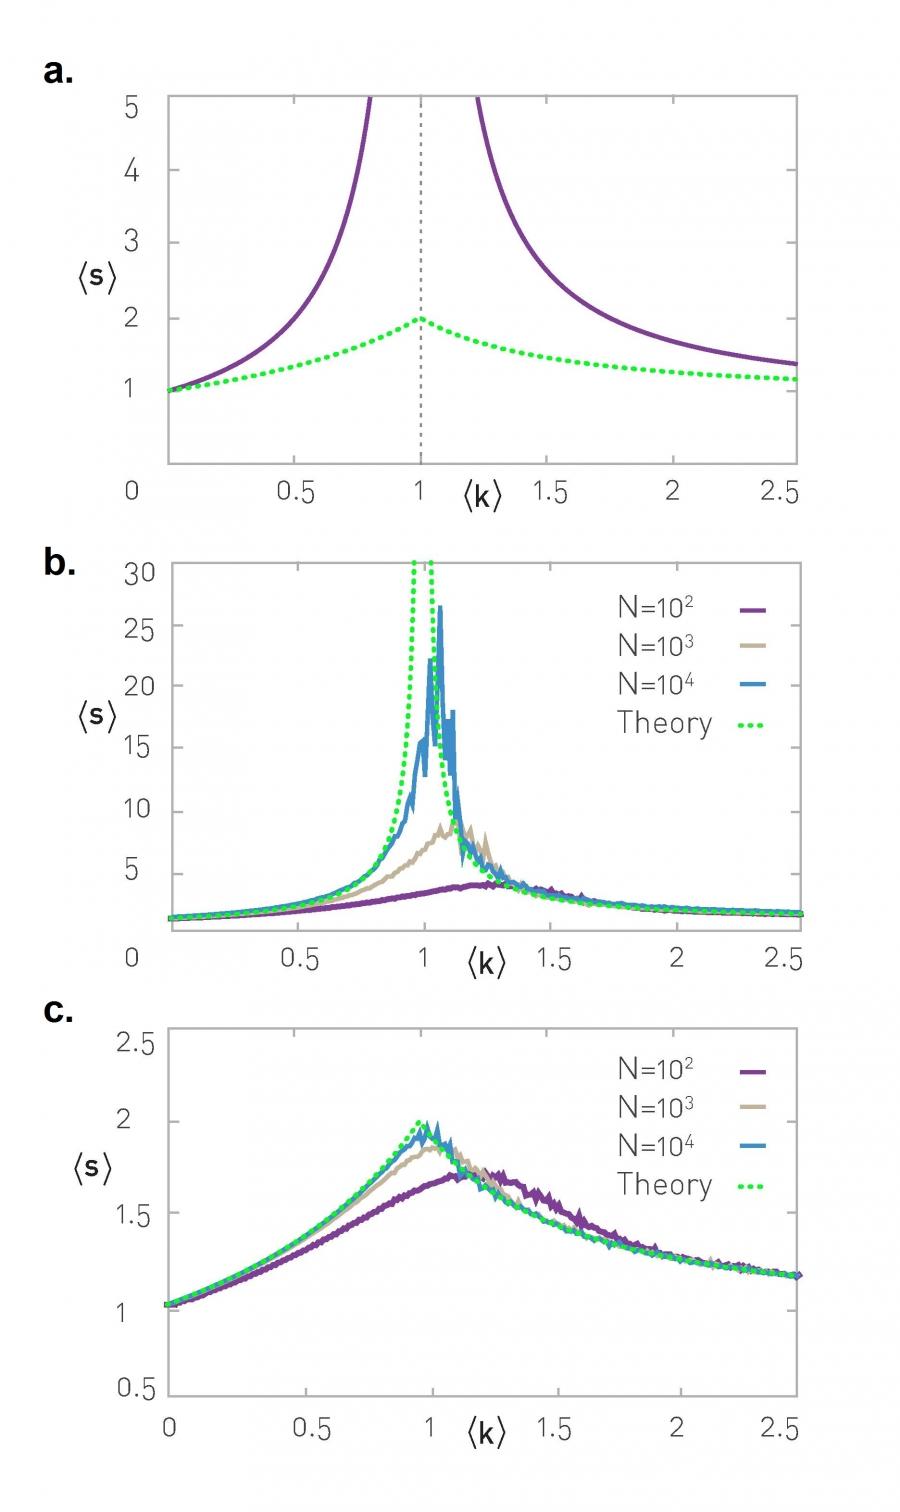 Chapter 3 – Network Science by Albert-László Barabási